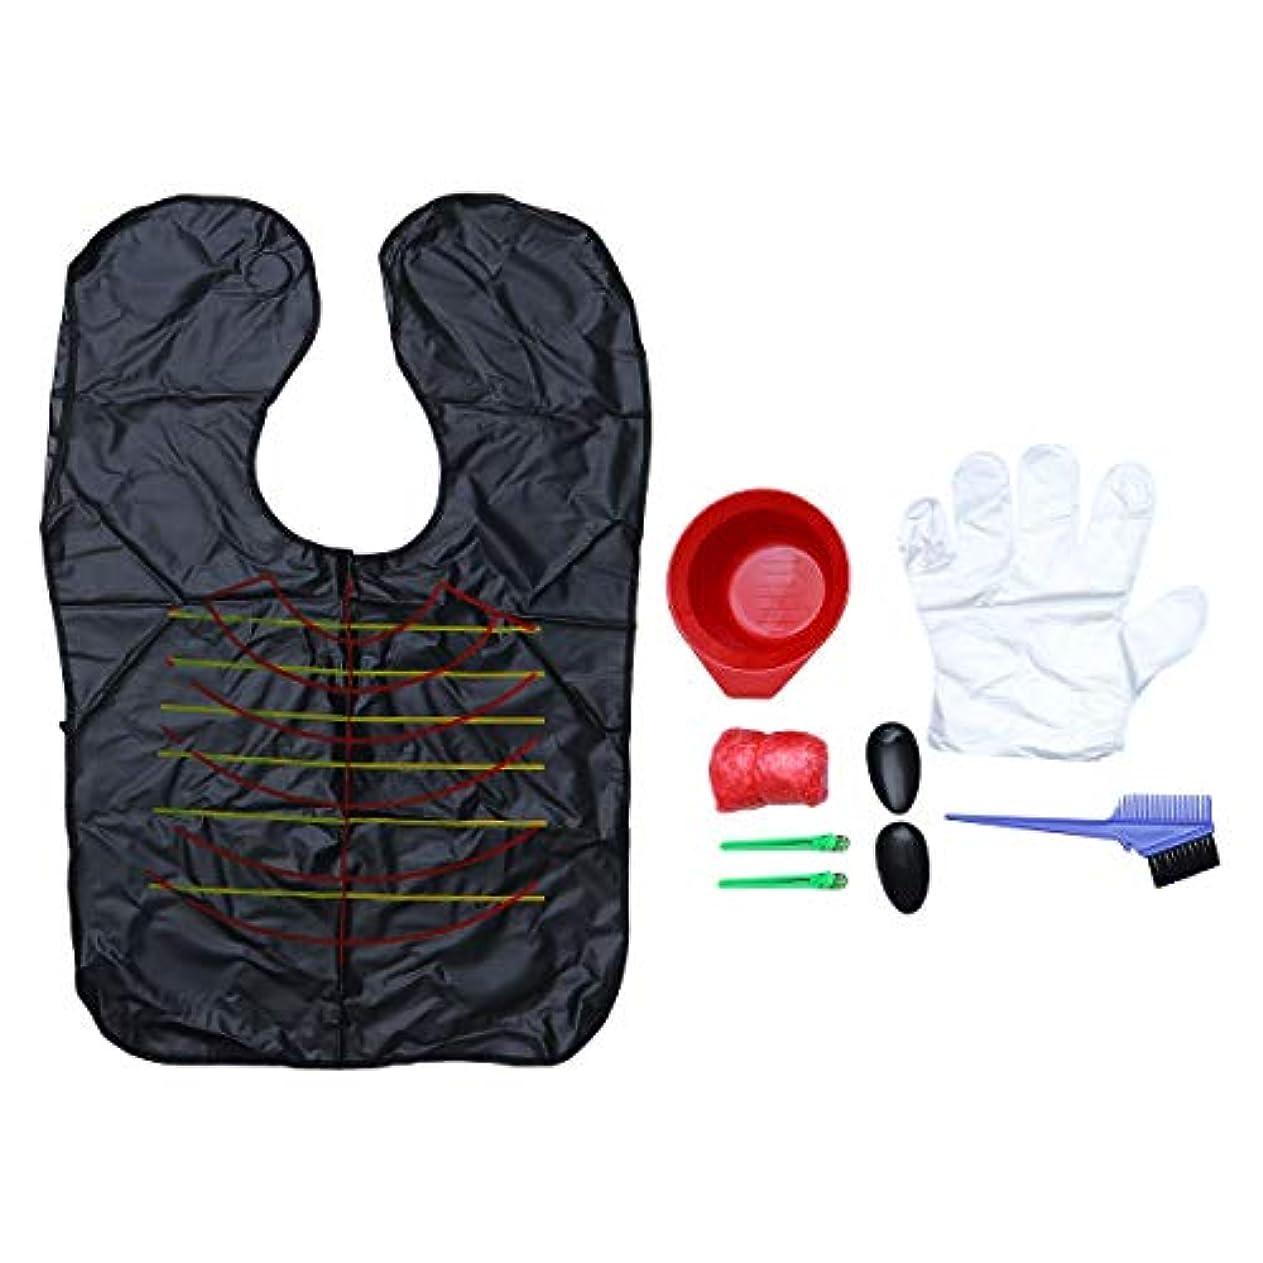 慈悲置くためにパック山岳HEALLILY ヘアカラー染色キットヘアダイDIYツールダイブラシミキシングボウルイヤーキャップシャワーキャップ弾性手袋9個(ランダムカラー)